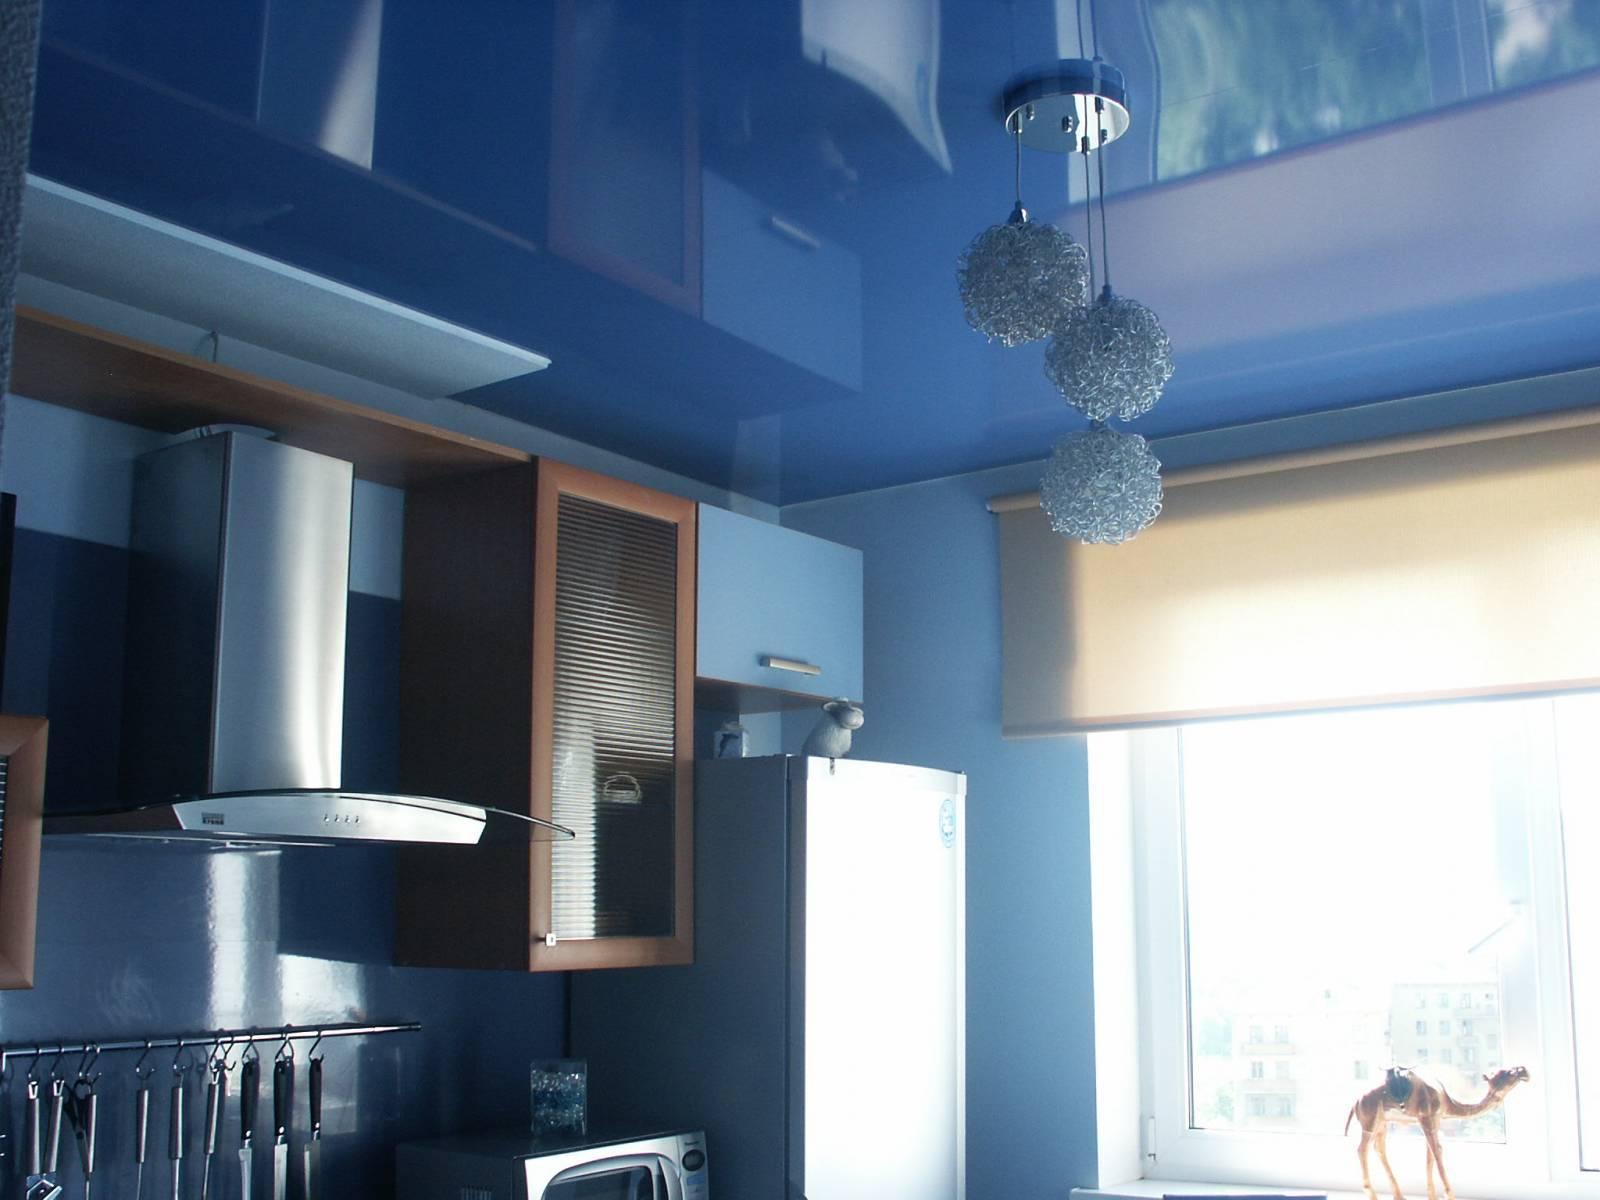 глянцевый потолок47.jpg